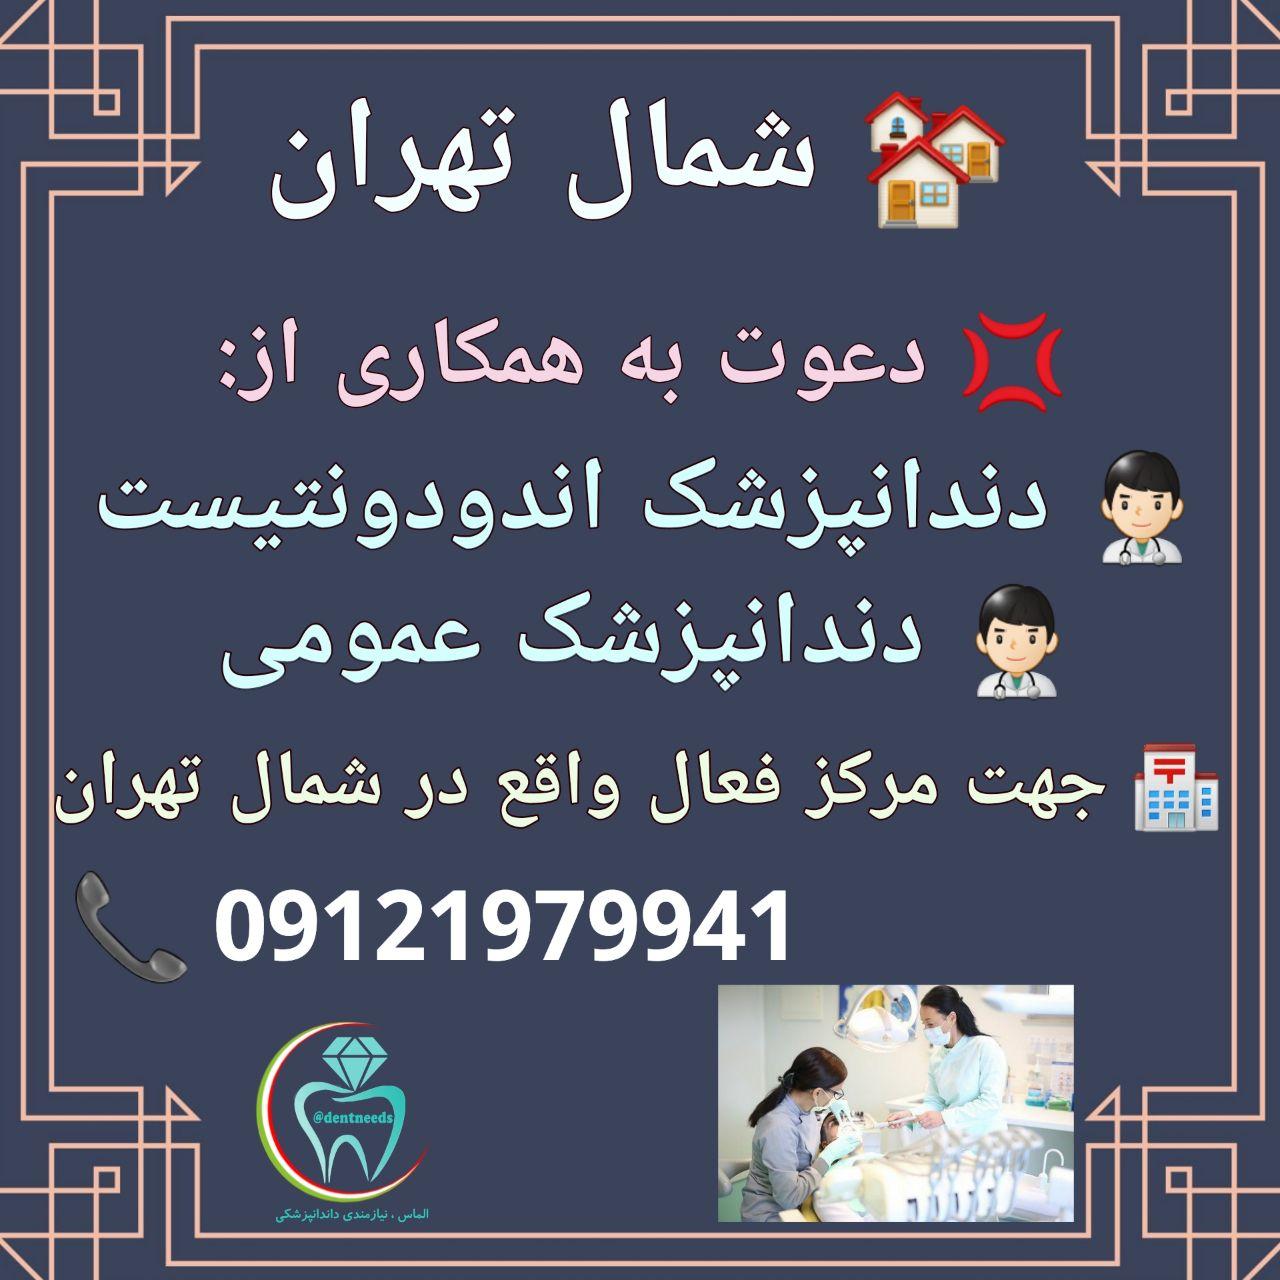 شمال تهران، دعوت به همکاری از دندانپزشک اندودونتیست، دندانپزشک عمومی